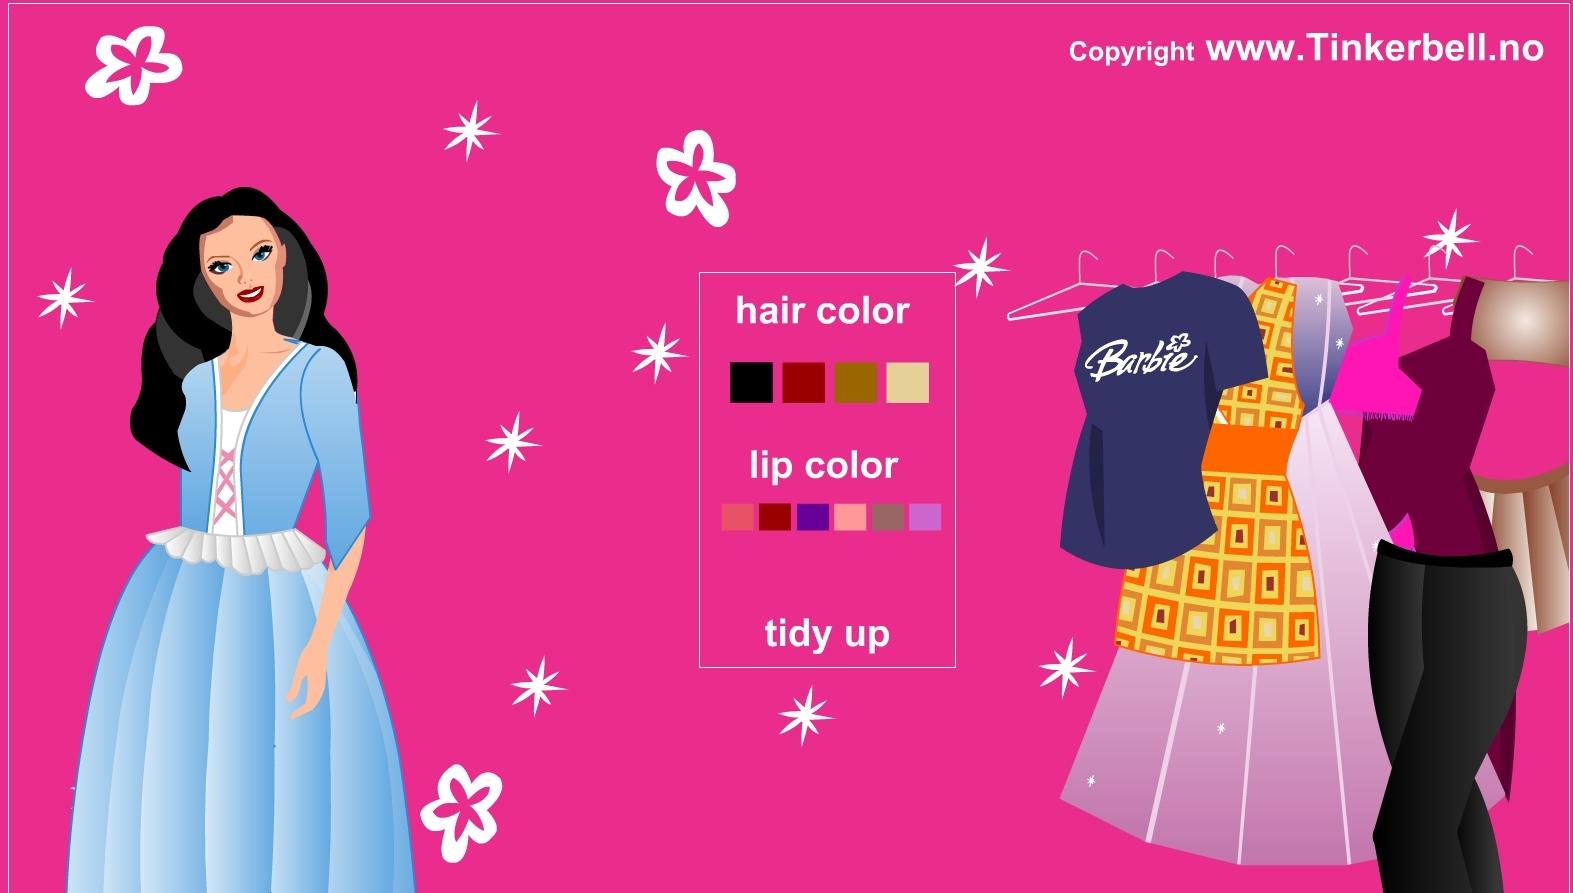 Pin jeux de barbie gratuits on pinterest - Jeux de barbie enceinte gratuit ...